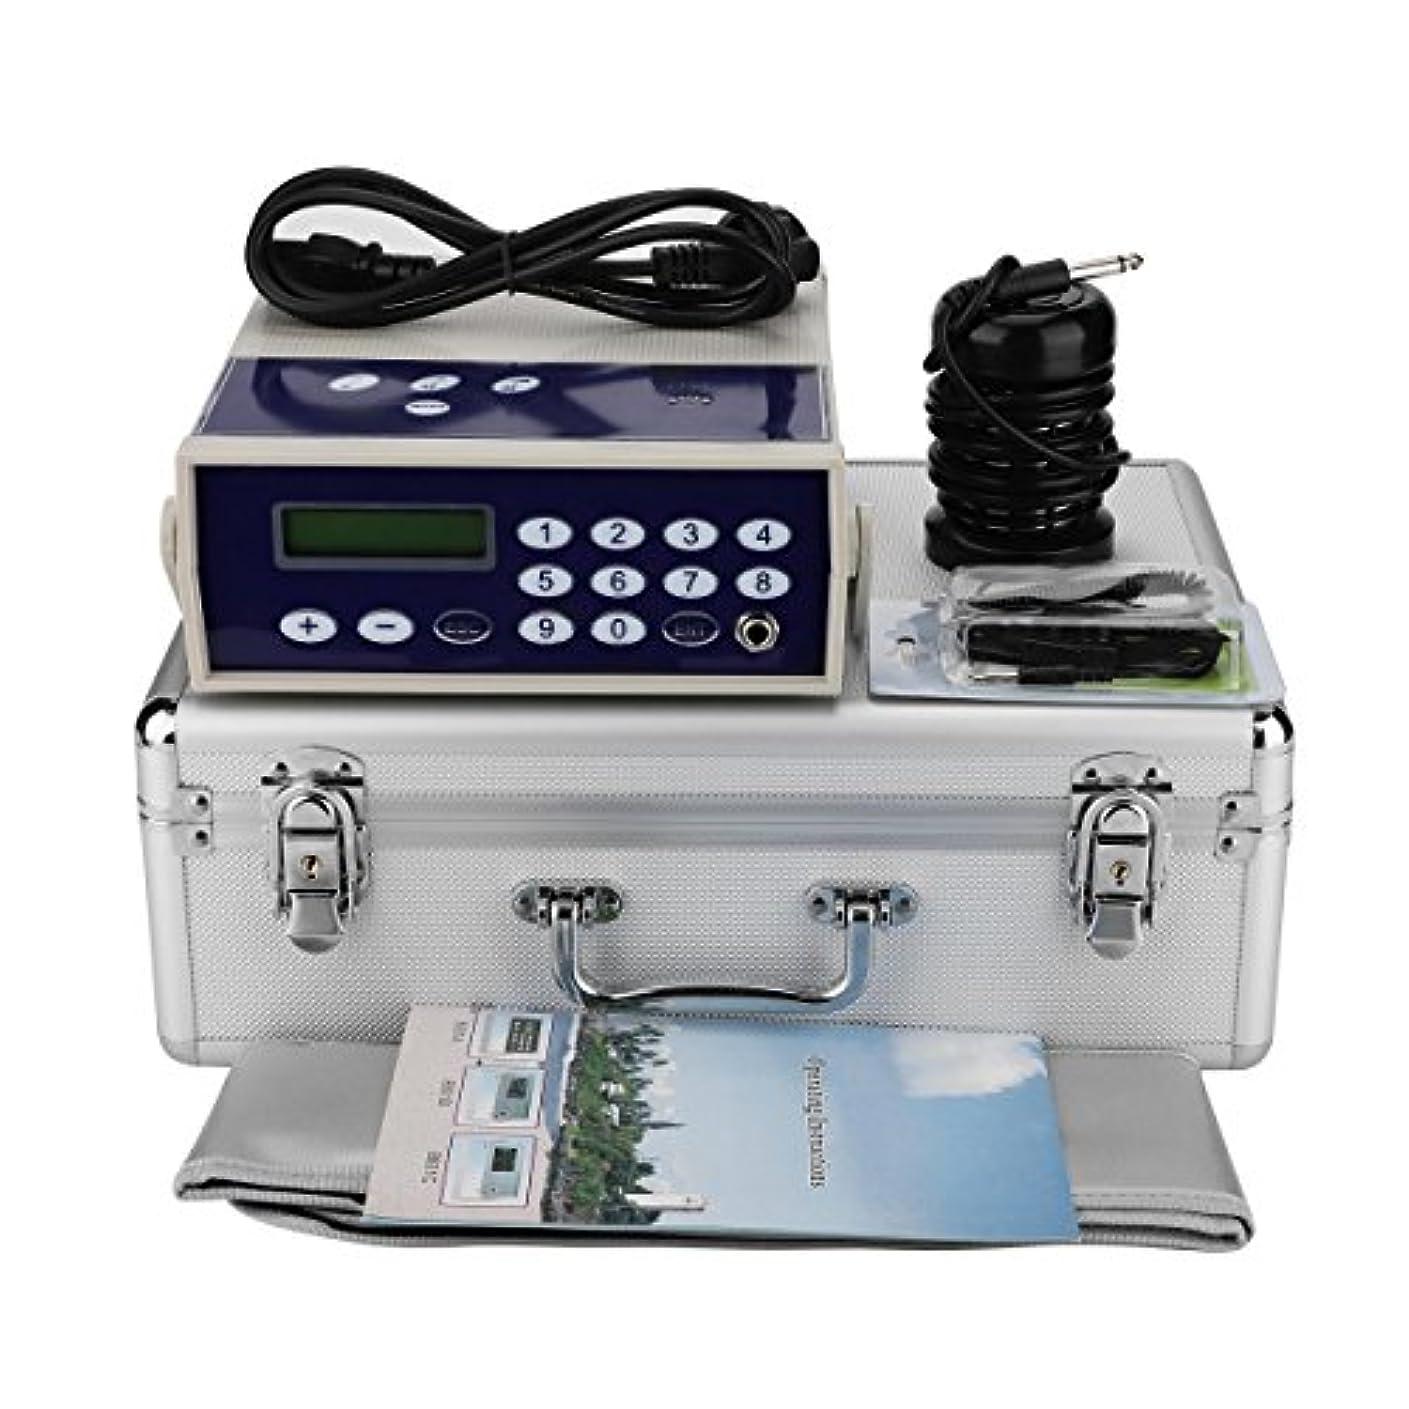 近く暴動水イオンフットバスデトックスマシン、プロフェッショナルイオンイオンアレイボディデトックスマシンスパ赤外線腰ベルトで浄化(110-220V)